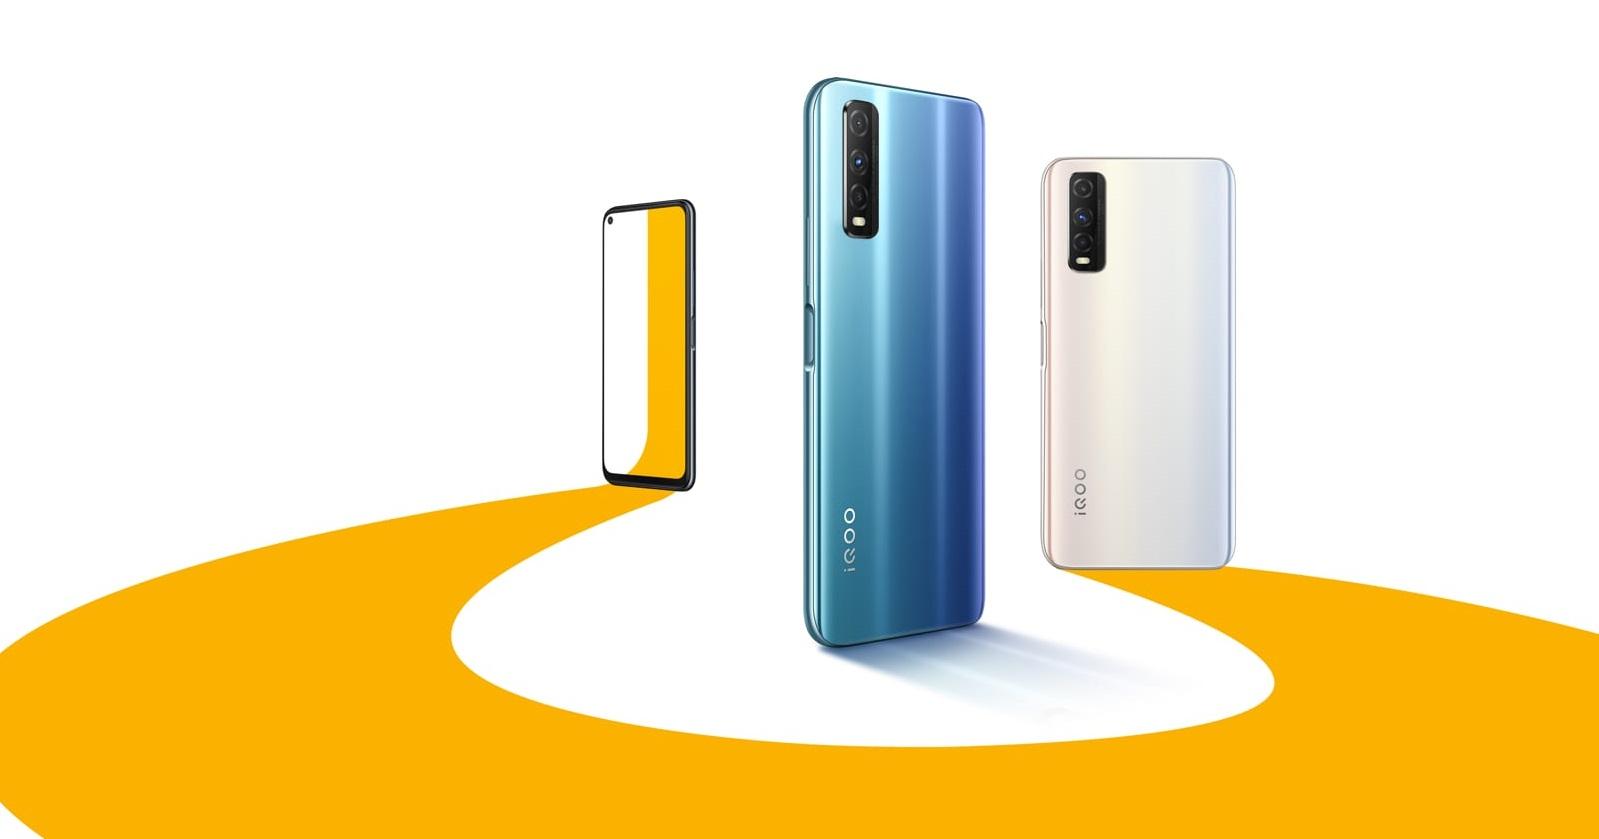 smartfon Vivo iQOO U1 smartphone